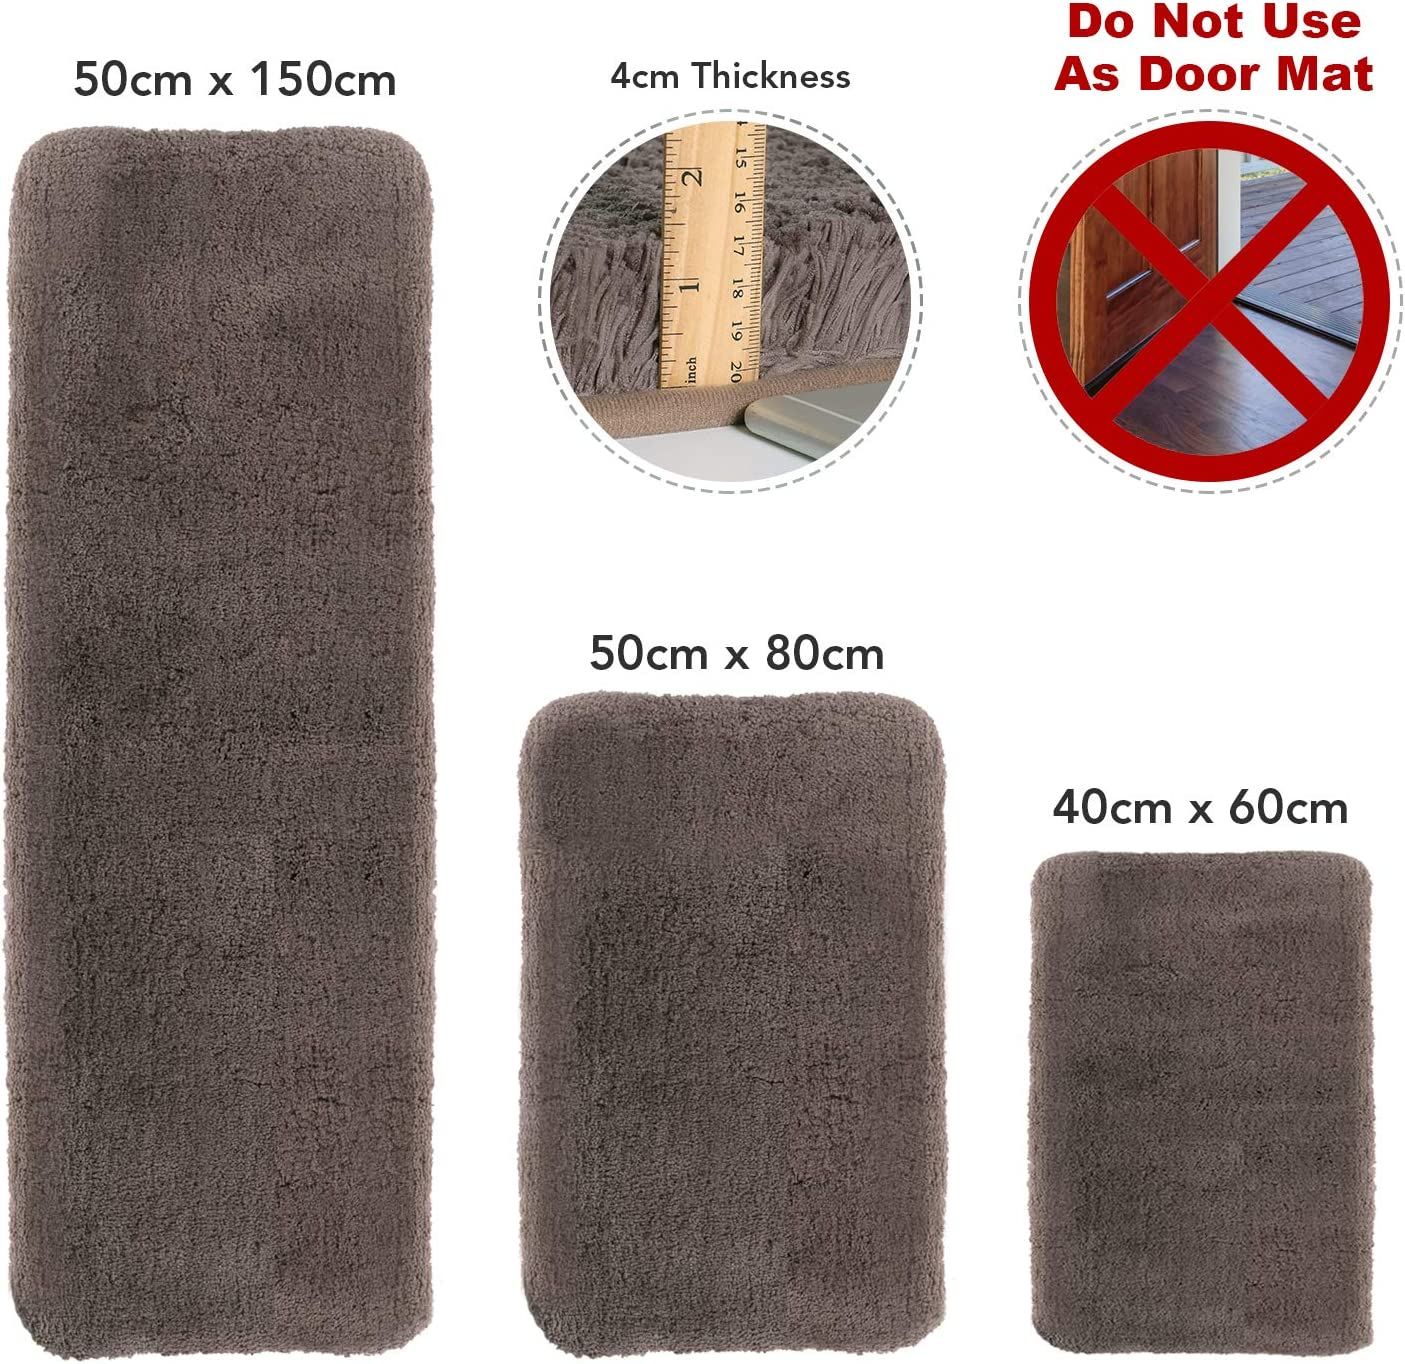 rutschfeste Badezimmer-Fu/ßmatte Lifewit Badematte Lange weiche zottelige wasserabsorbierender Braun Mikrofaserteppich 150 /× 50 /× 4 cm